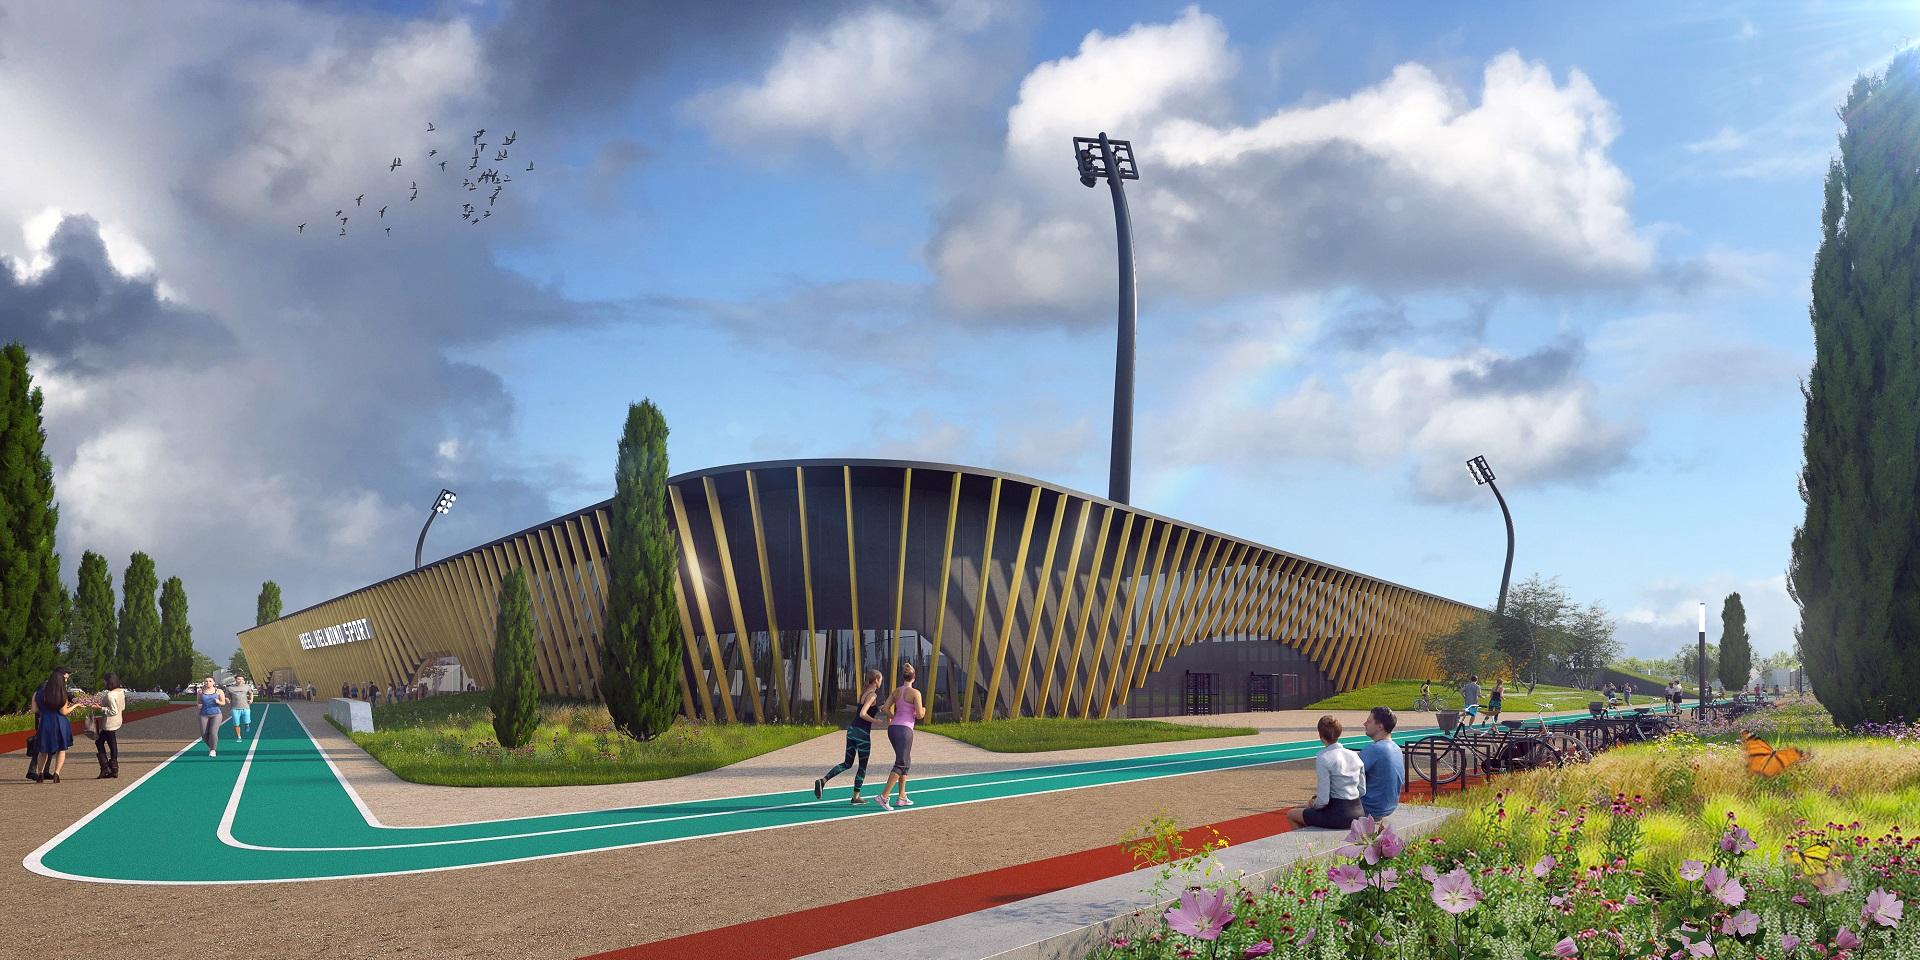 Impressie Campus De Braak stadion